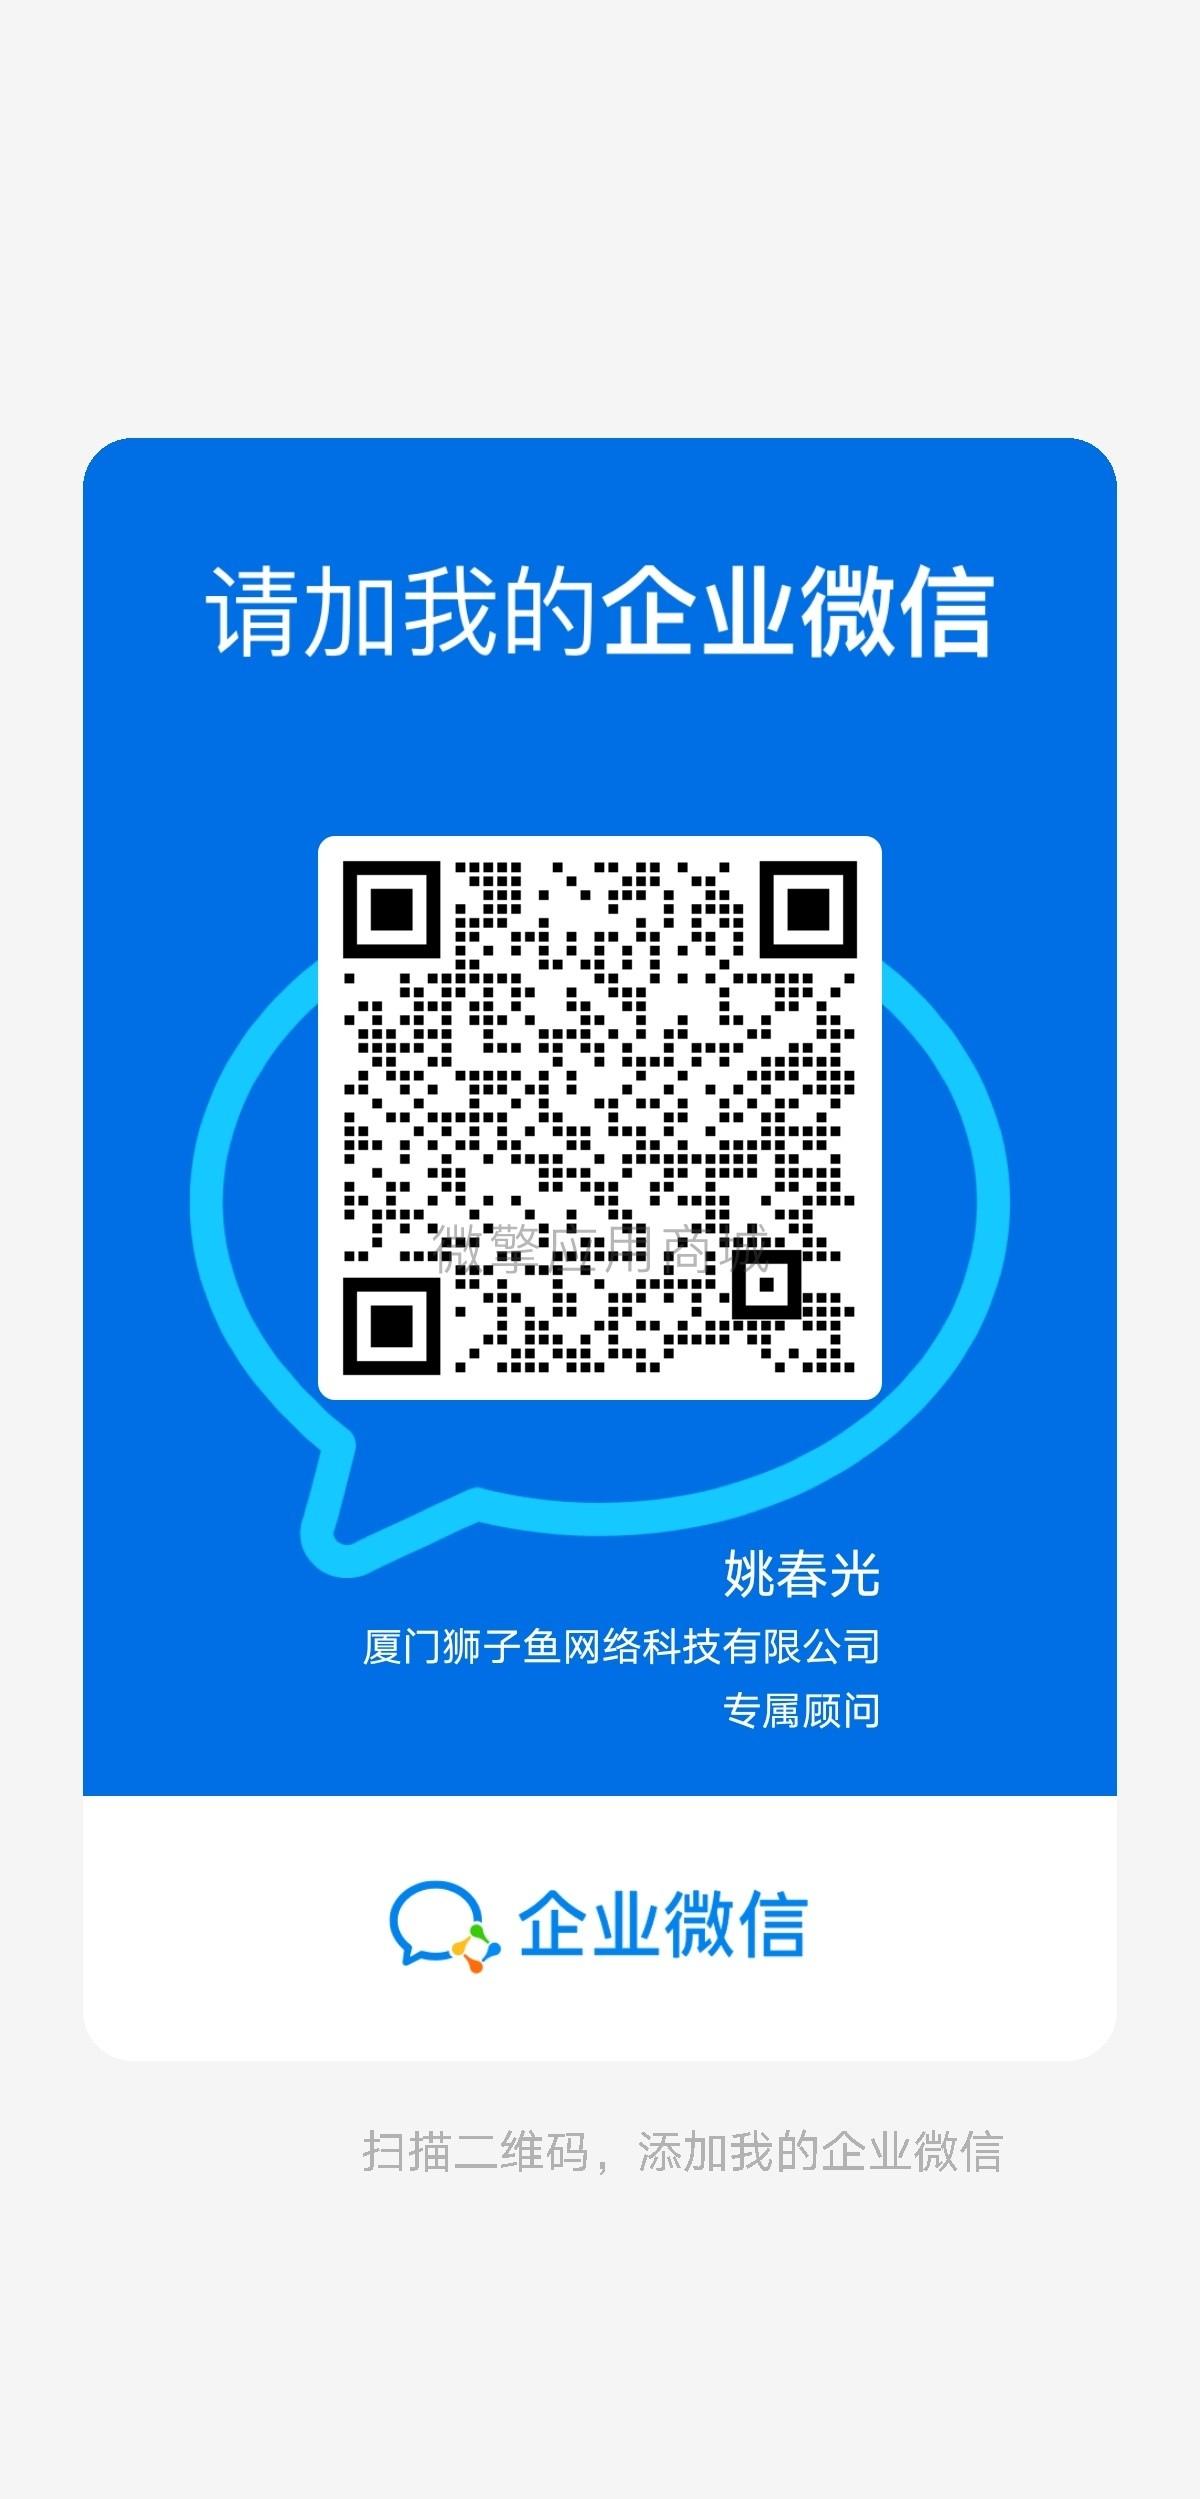 0ee6a5335f5749349389059988d50487.jpg